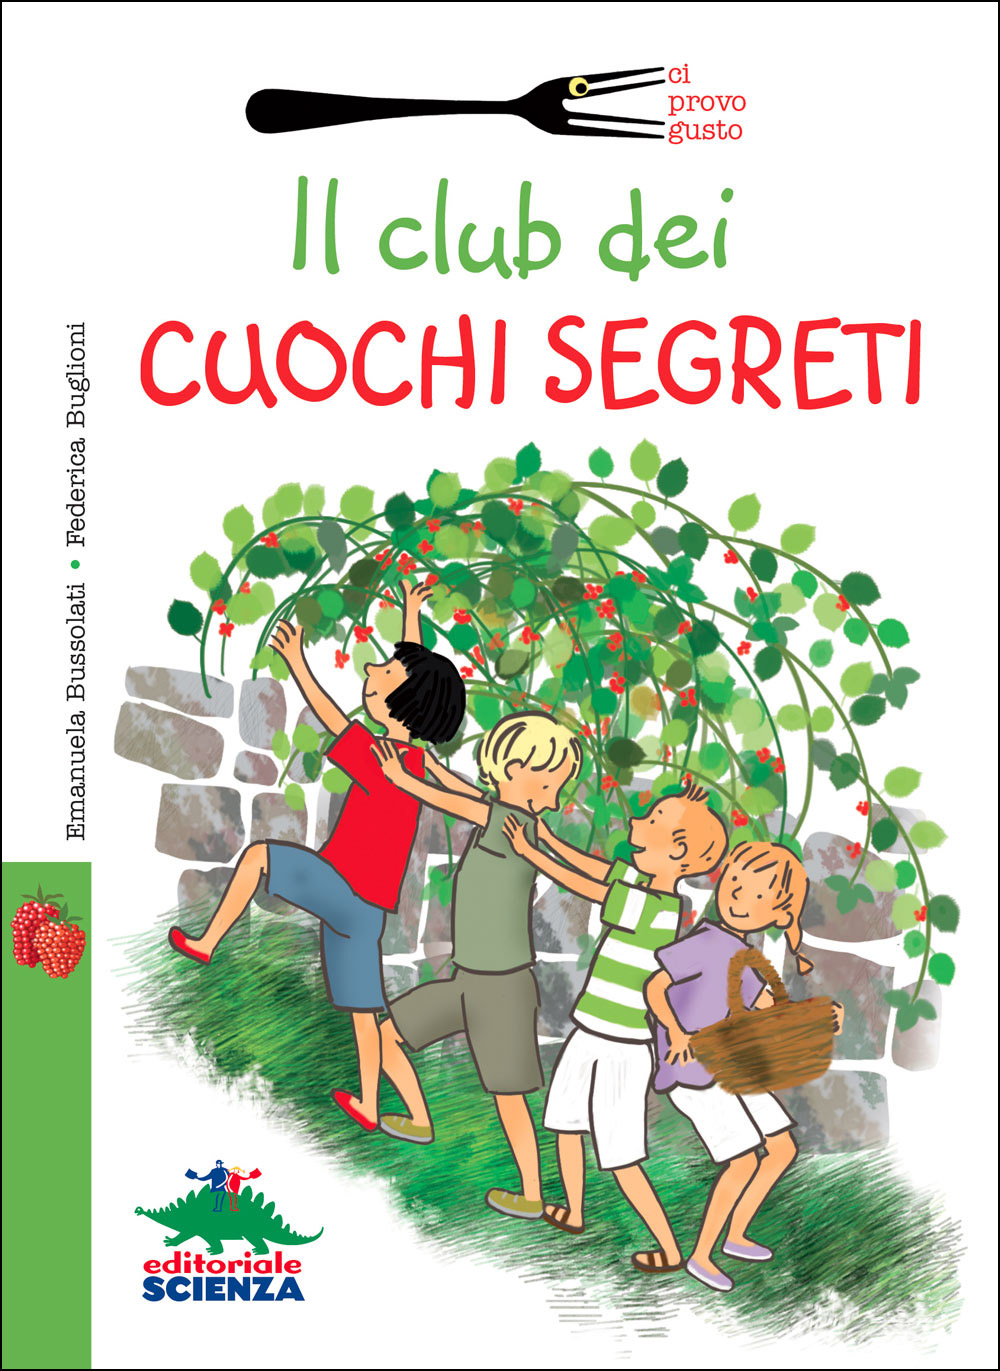 Il club dei cuochi segreti